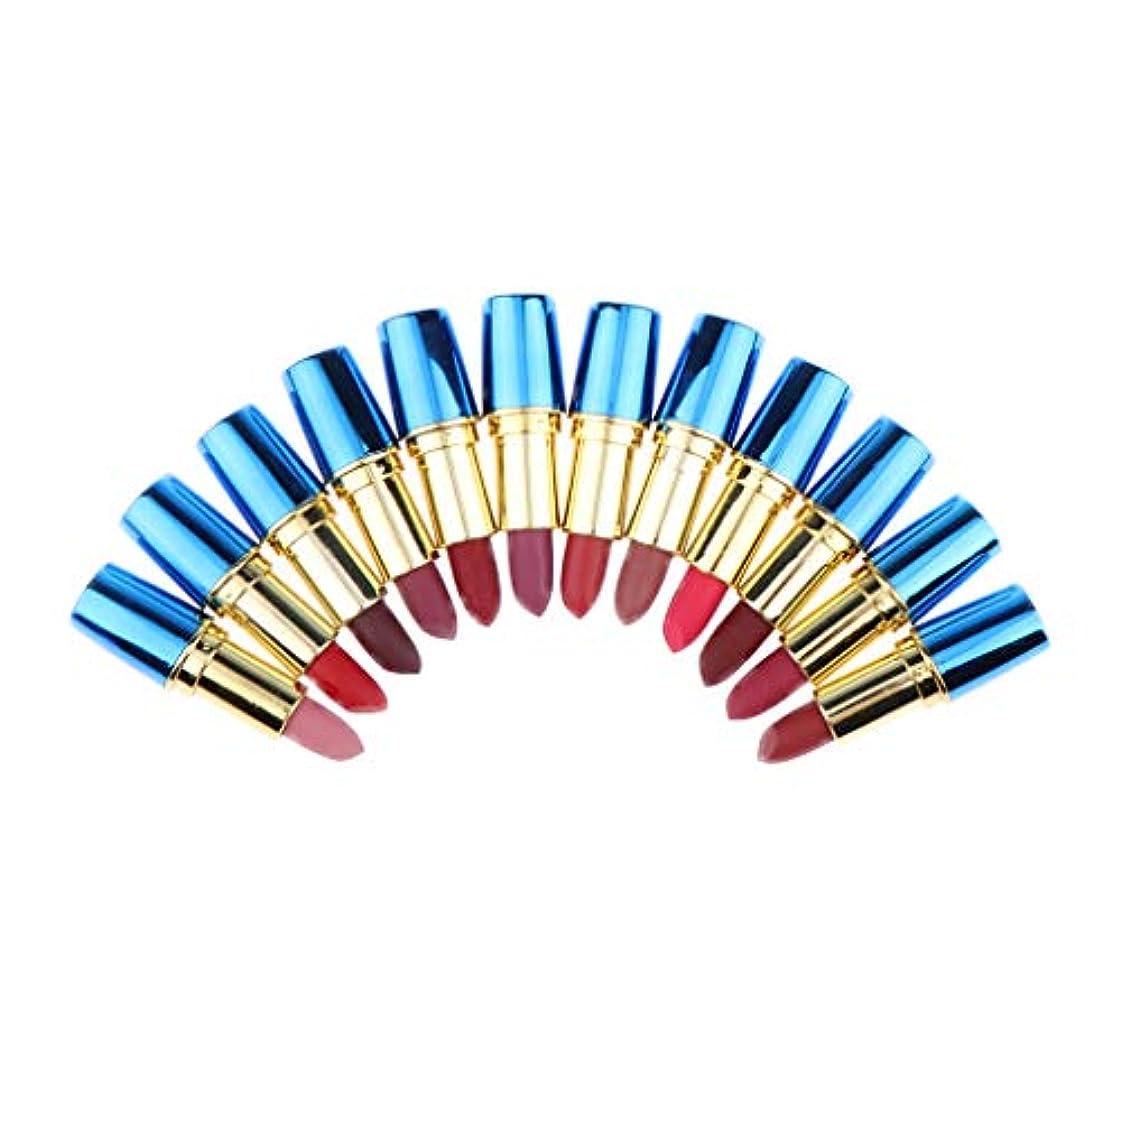 情緒的聖域日光マットリップスティックセット 口紅 唇メイク 12色 交換部品